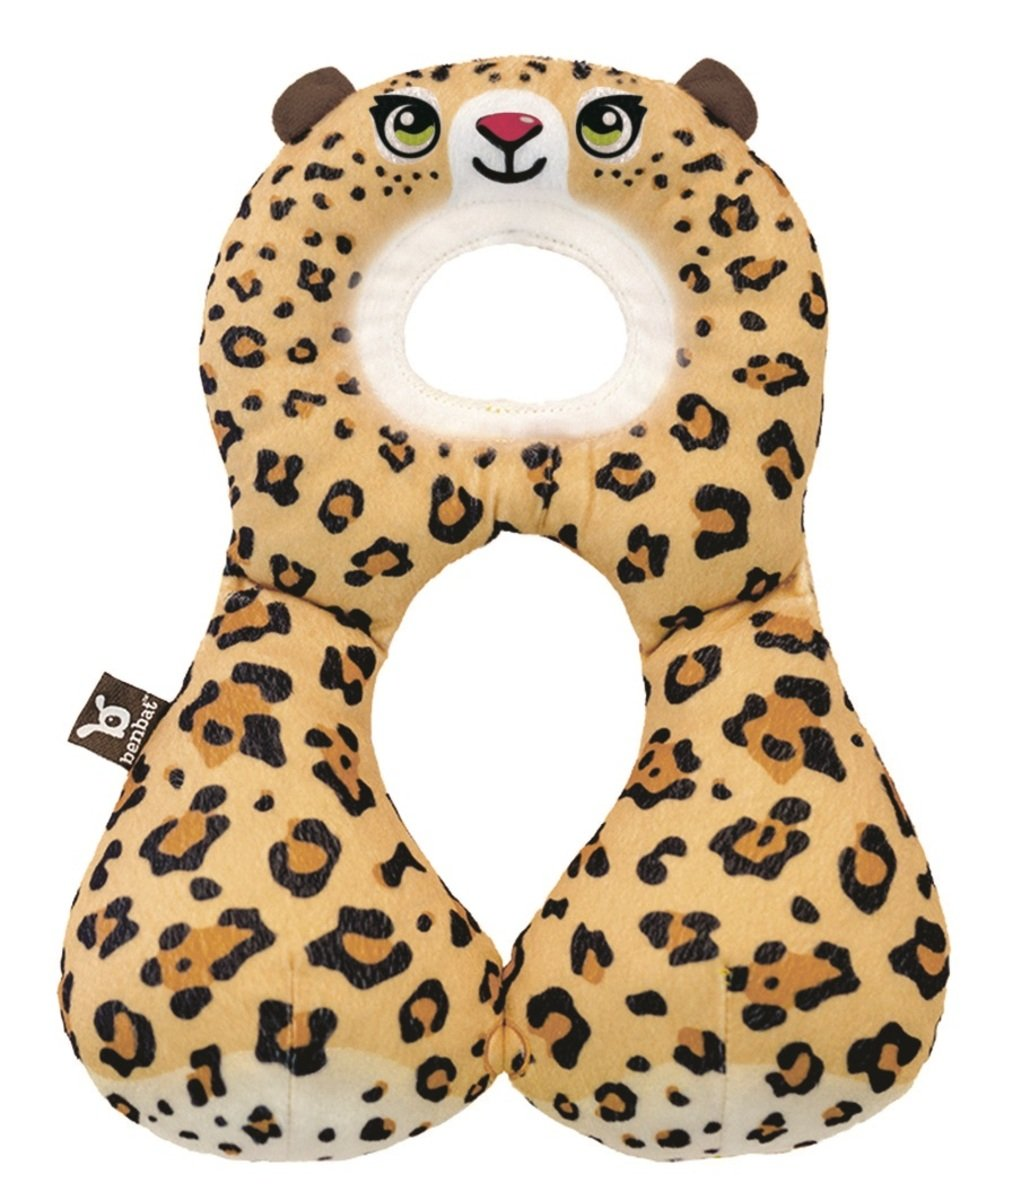 旅遊朋友頸枕野生草原系列 - 1-4歲 - 獵豹